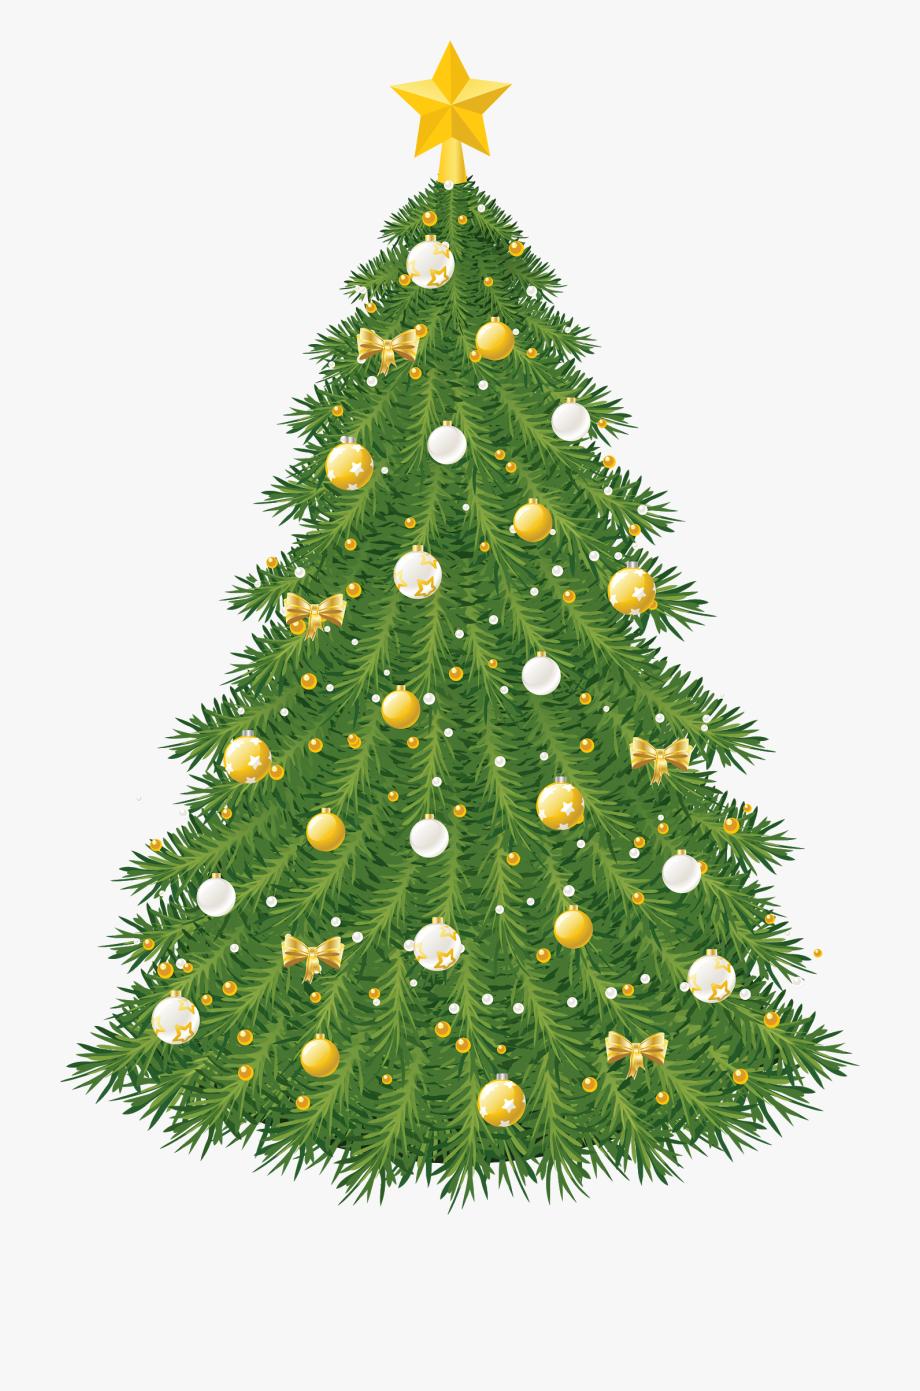 Christmas Tree Clipart, Real Christmas Tree, Christmas.